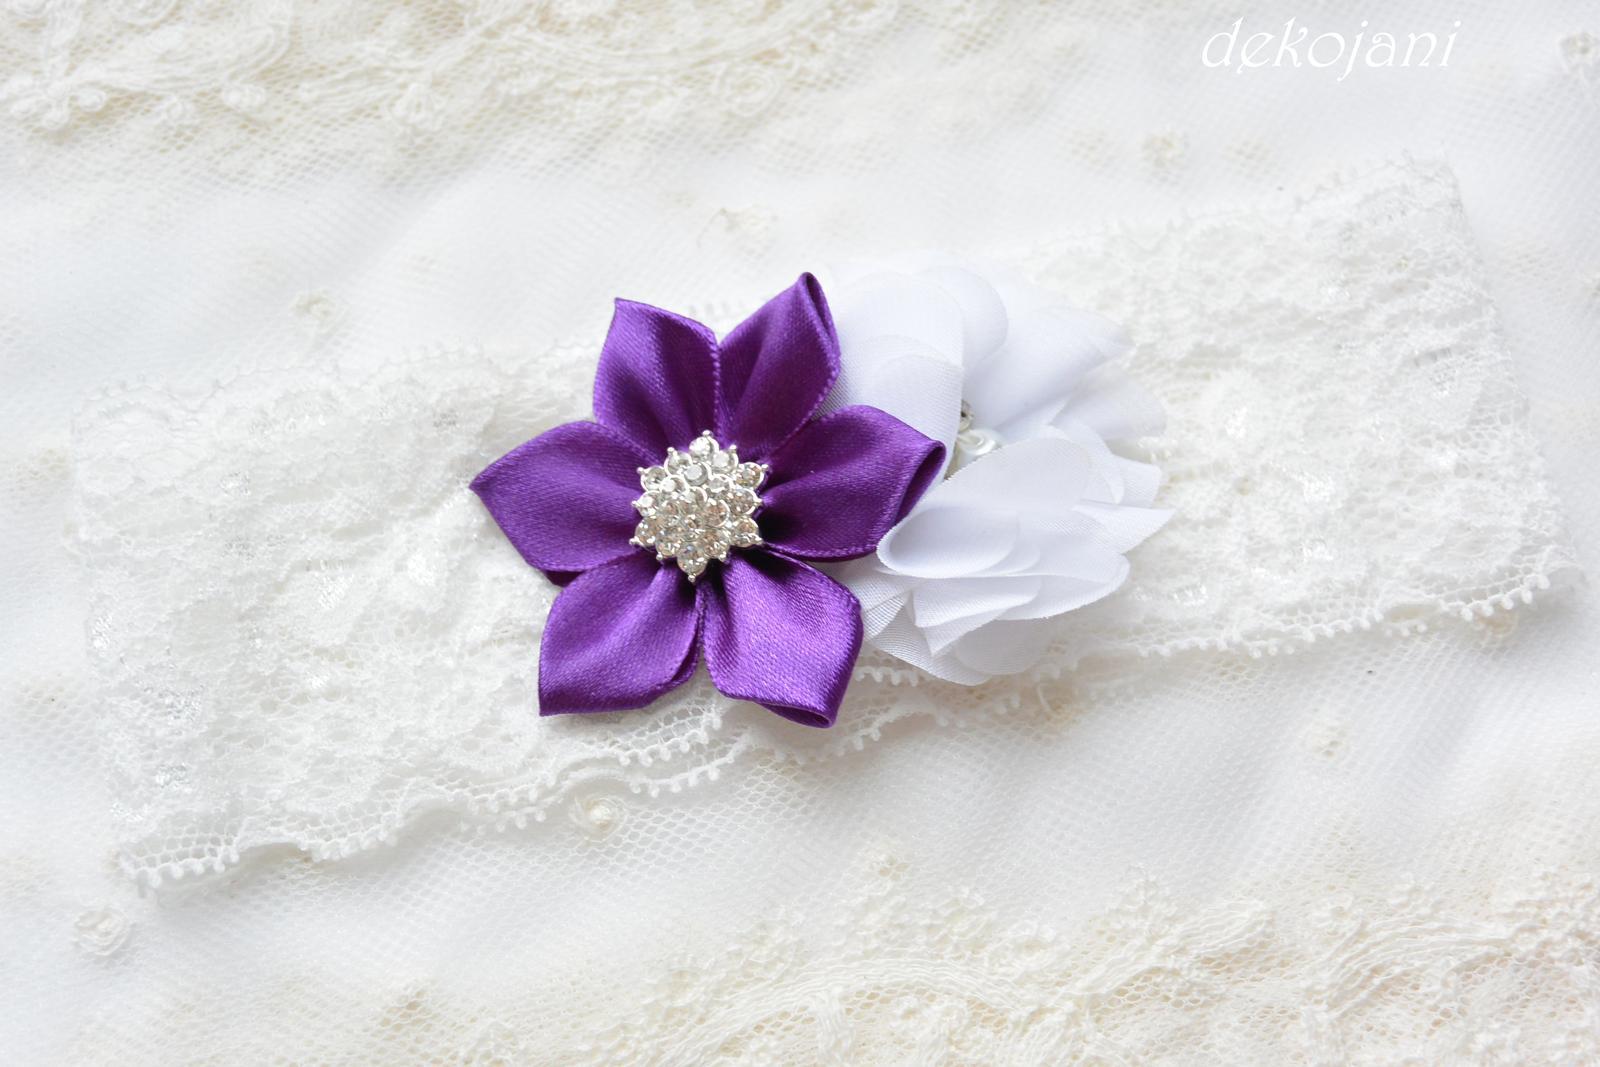 Květina ve všech barvách - Obrázek č. 3